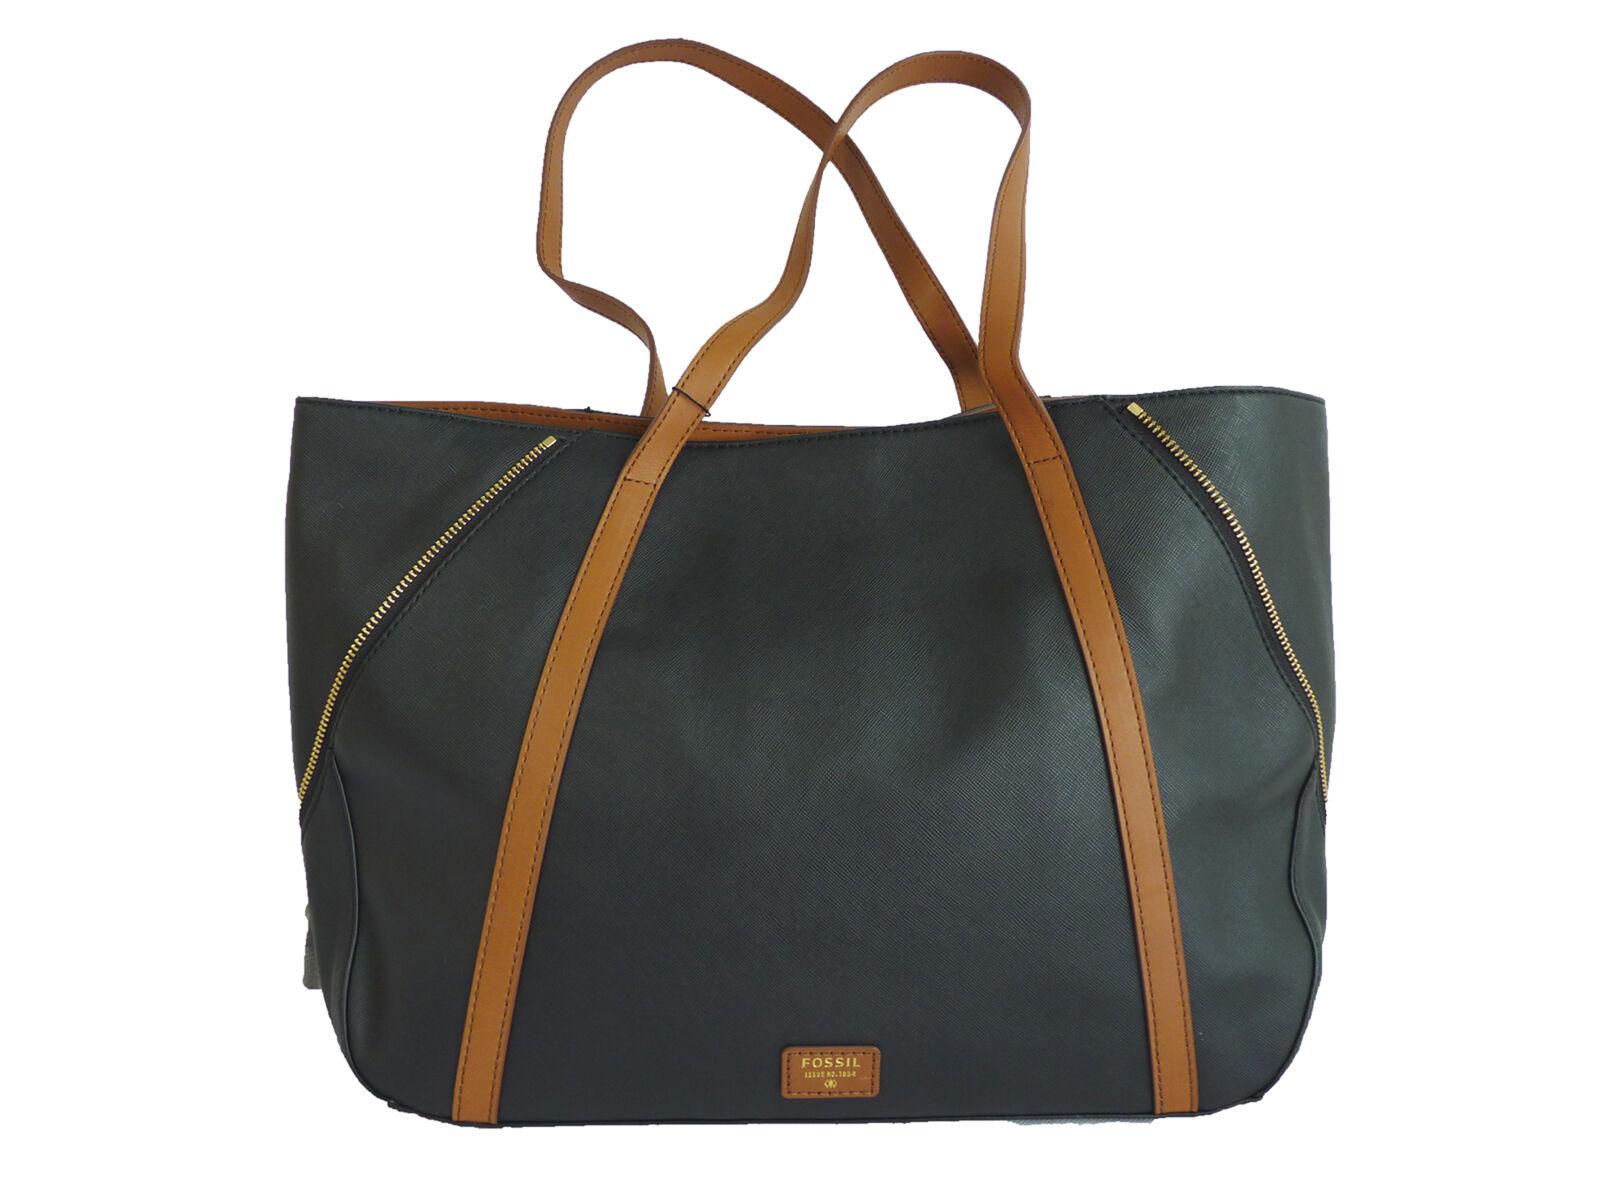 FOSSIL FOSSIL FOSSIL Damen Tasche Tragetasche Shopper Handtasche schwarz-braun NEU | Die Farbe ist sehr auffällig  | Langfristiger Ruf  | Billiger als der Preis  e1f75e